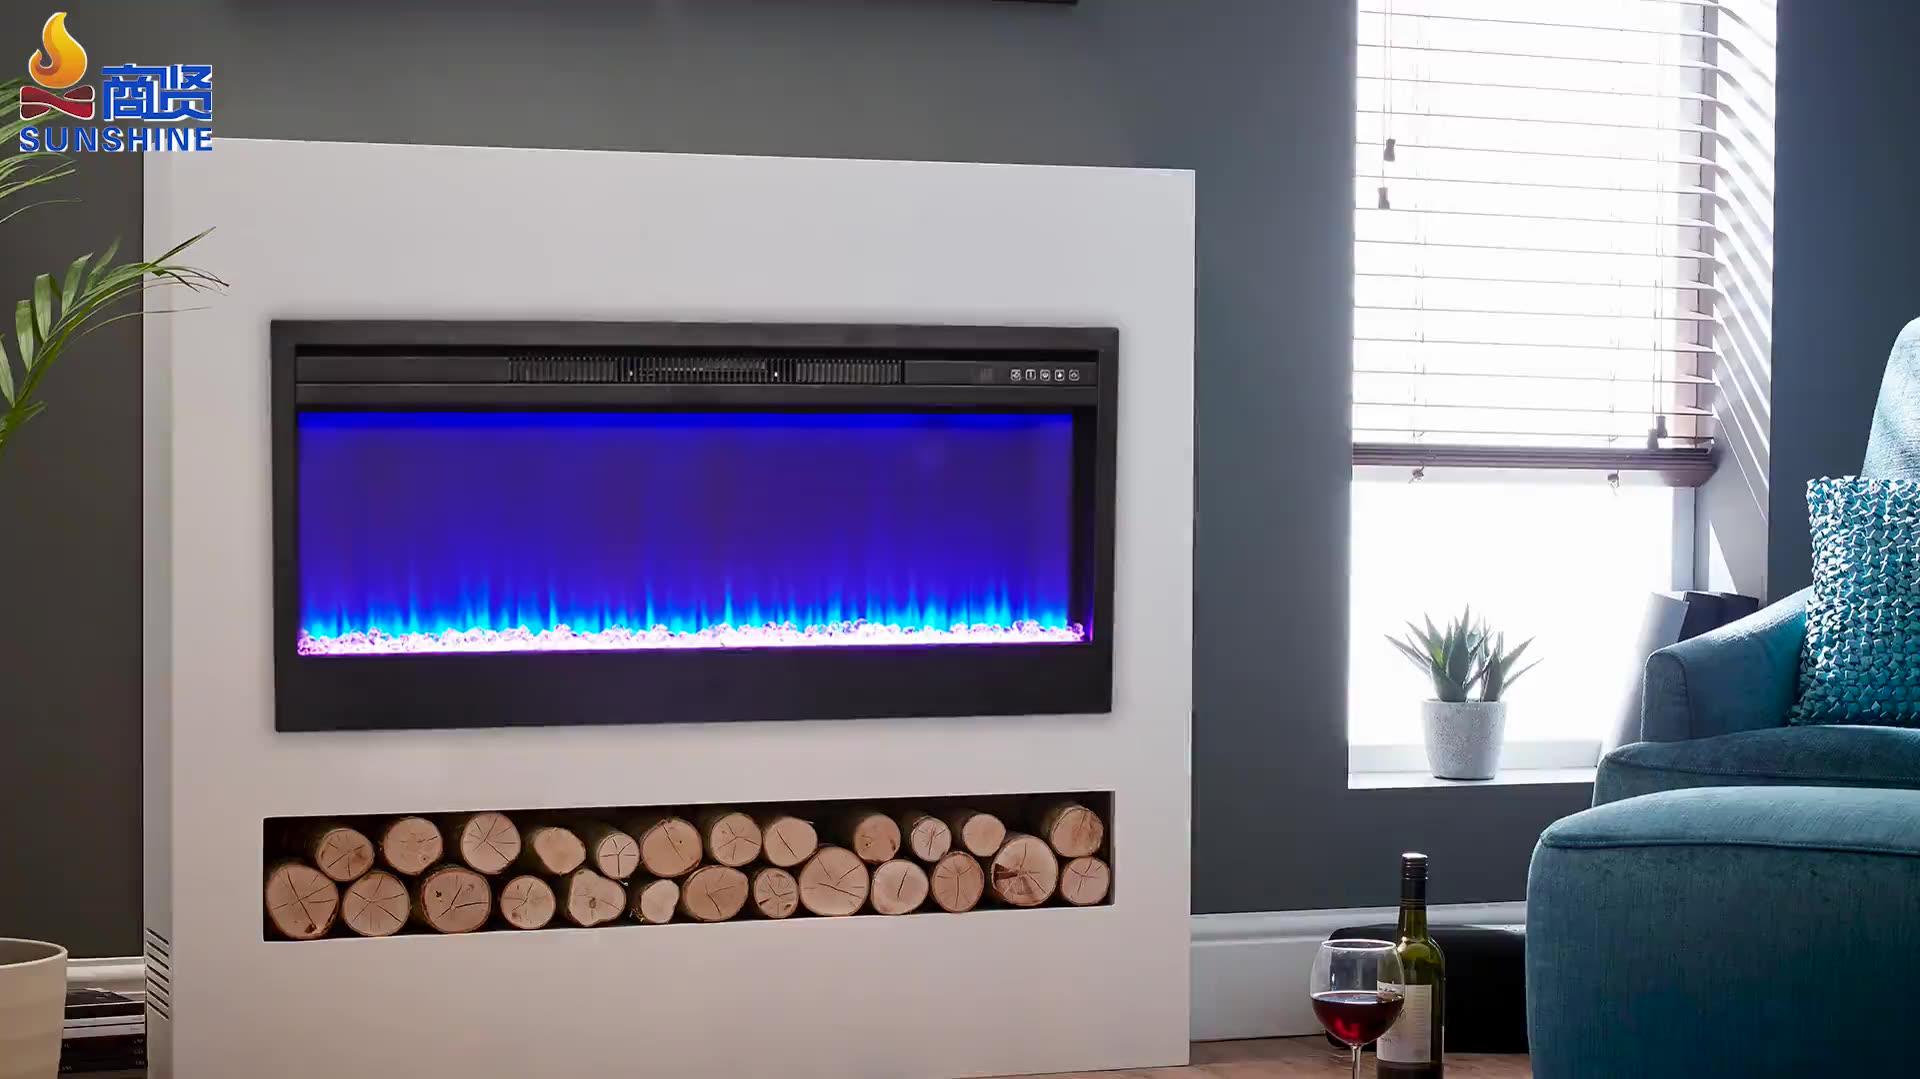 220v 1800w modern 72 inç ERP sertifikası uzaktan kumandalı kapalı dekoratif elektrikli şömine eklemek üreticisi